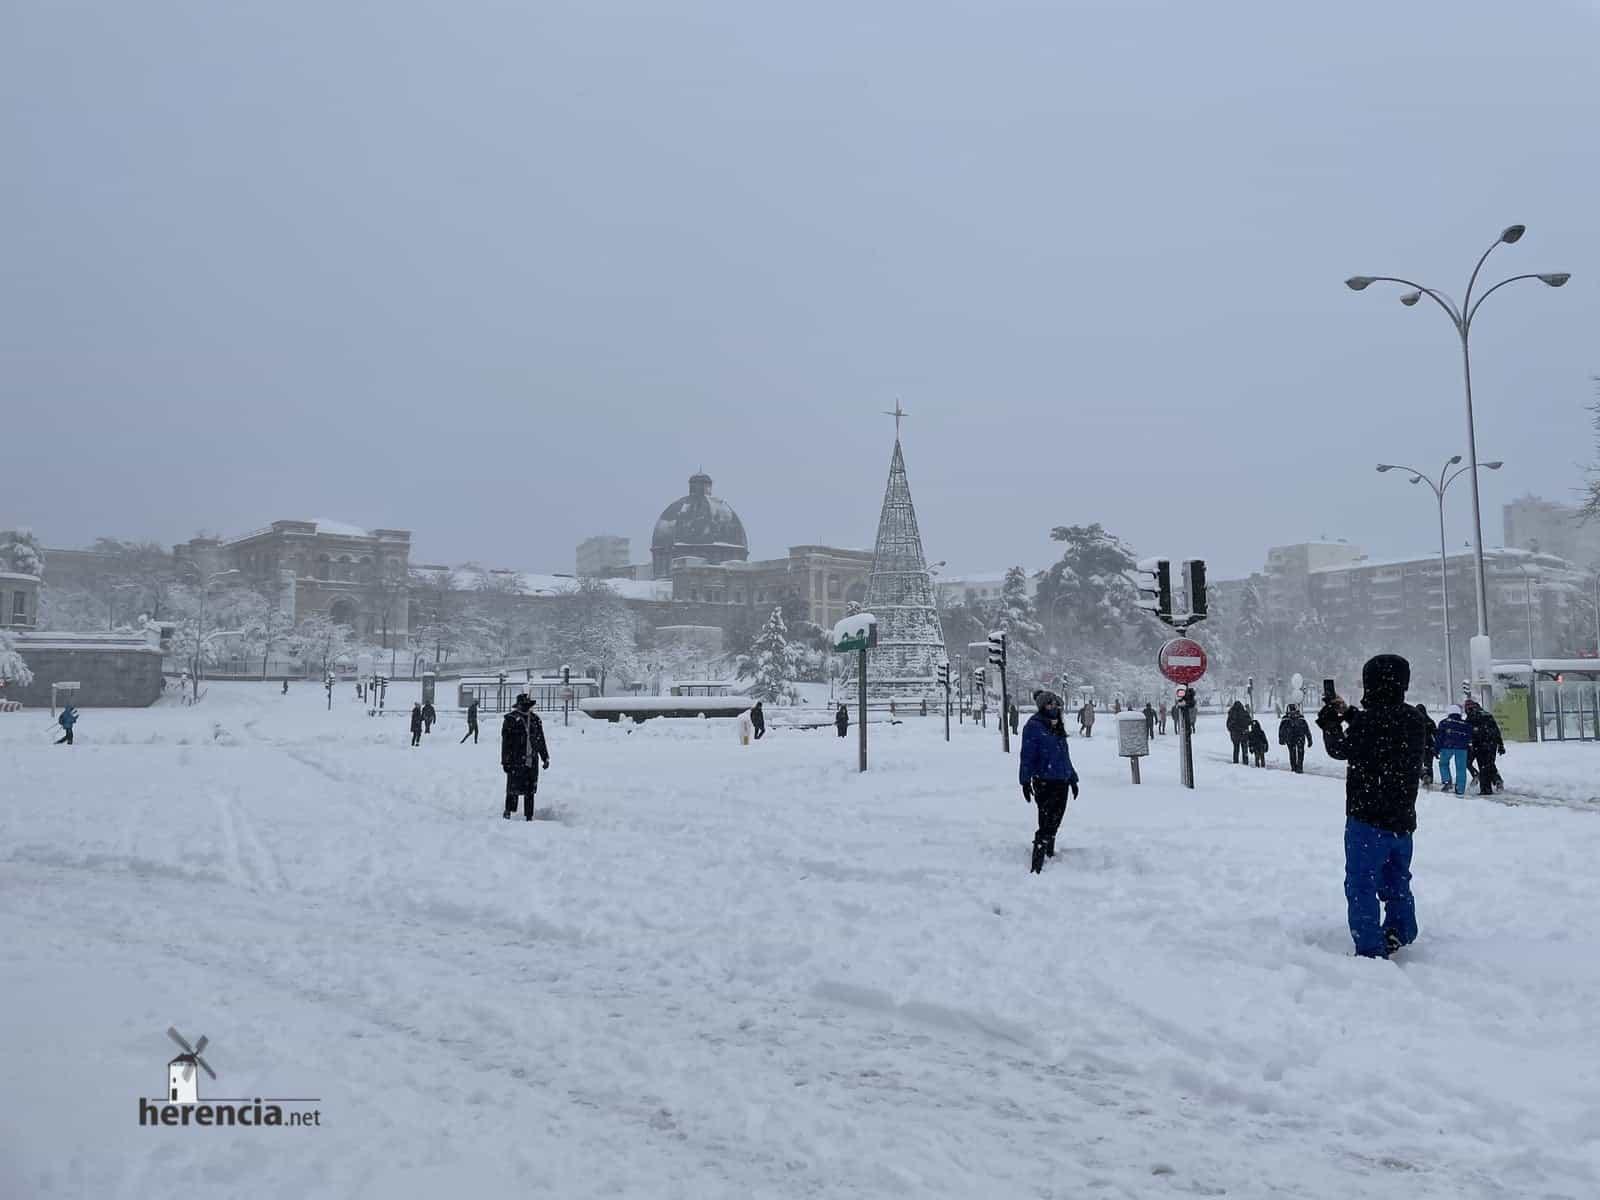 Fotografías de la nevada de enero en Madrid (España) 212